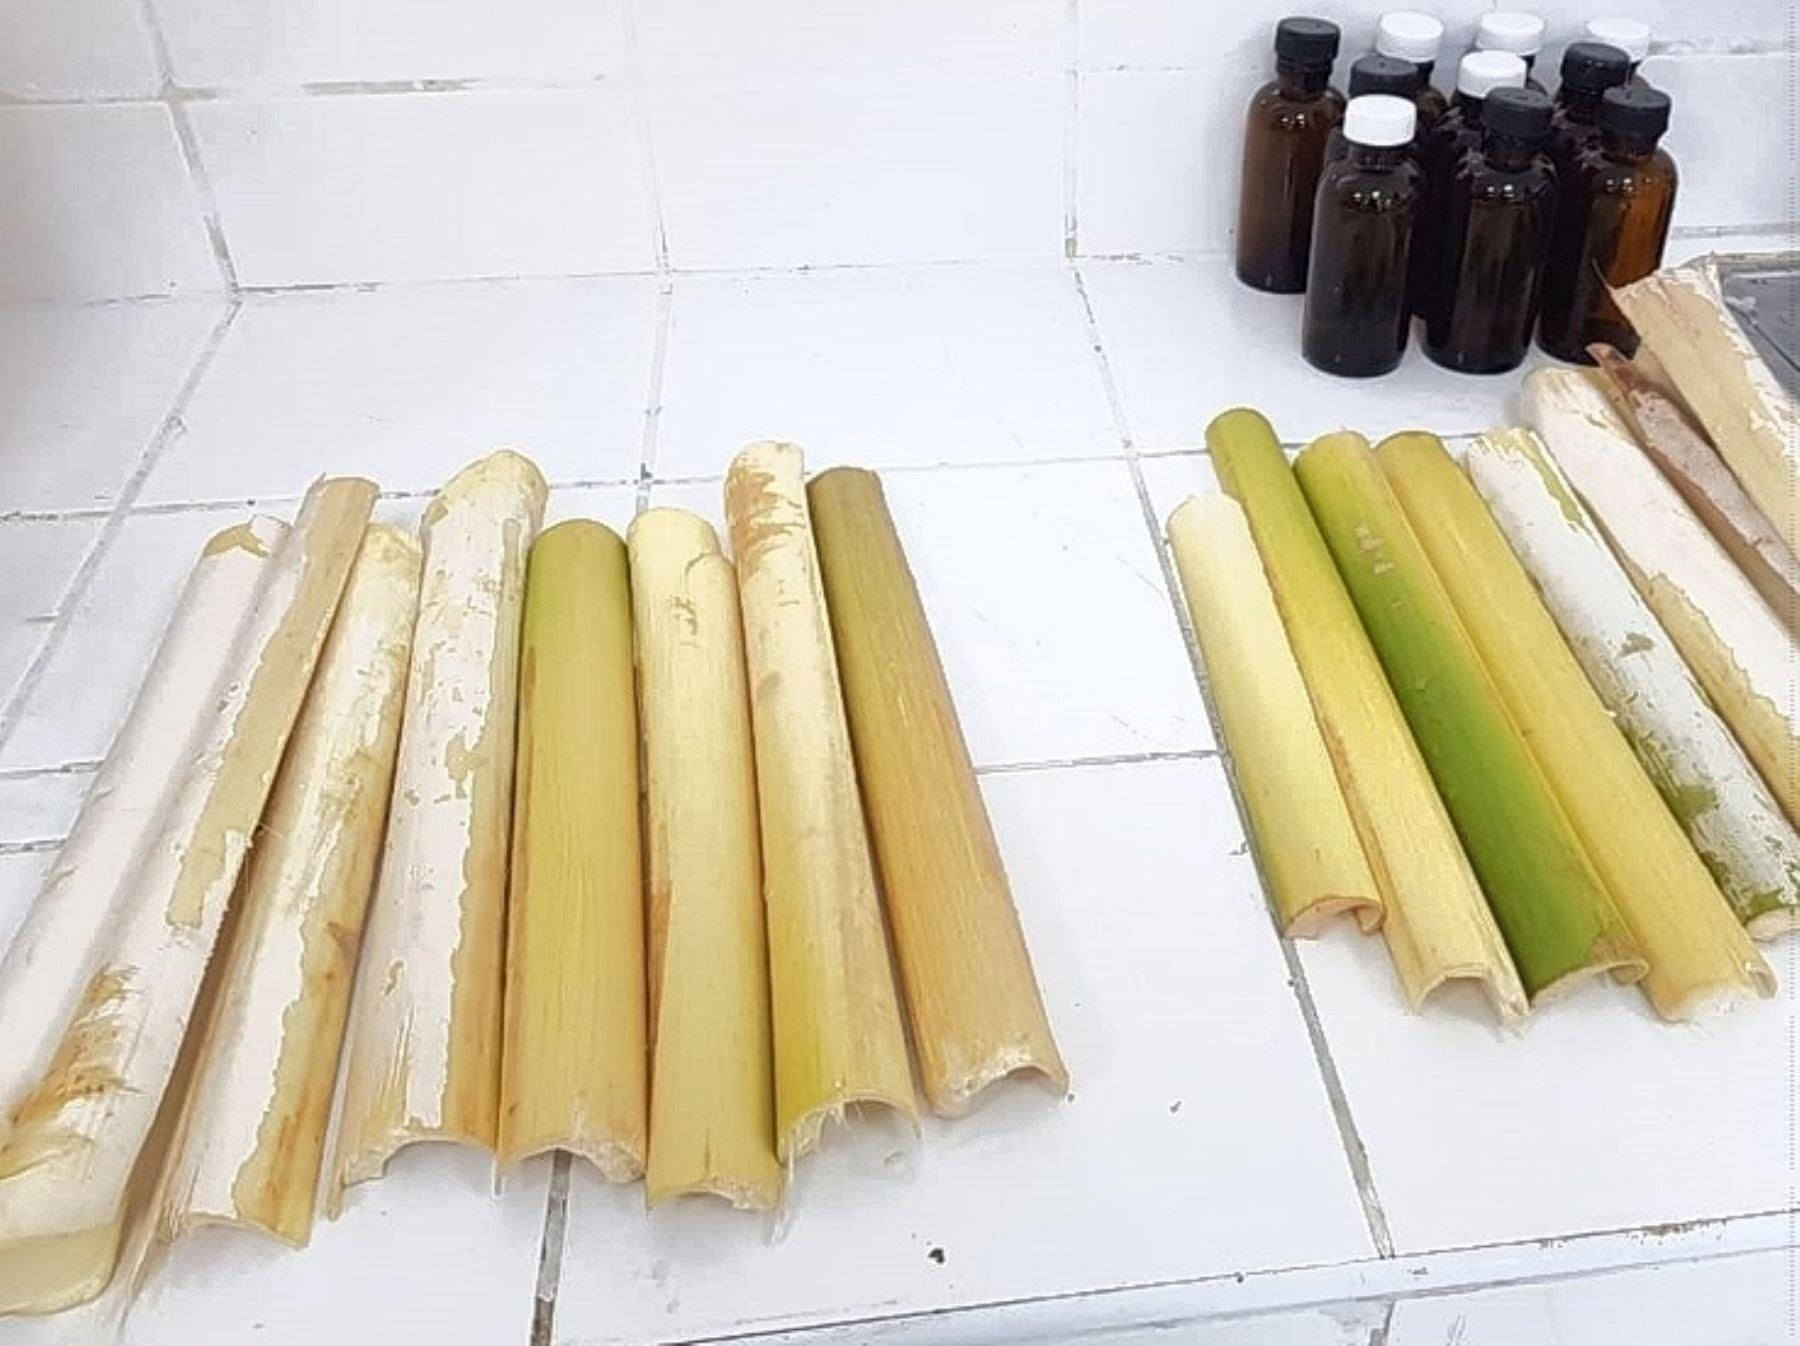 Investigadores de la Universidad Nacional Toribio Rodríguez de Mendoza de Amazonas desarrollan un proyecto que plantea elaborar alimentos a partir de residuos de la industria palmitera.